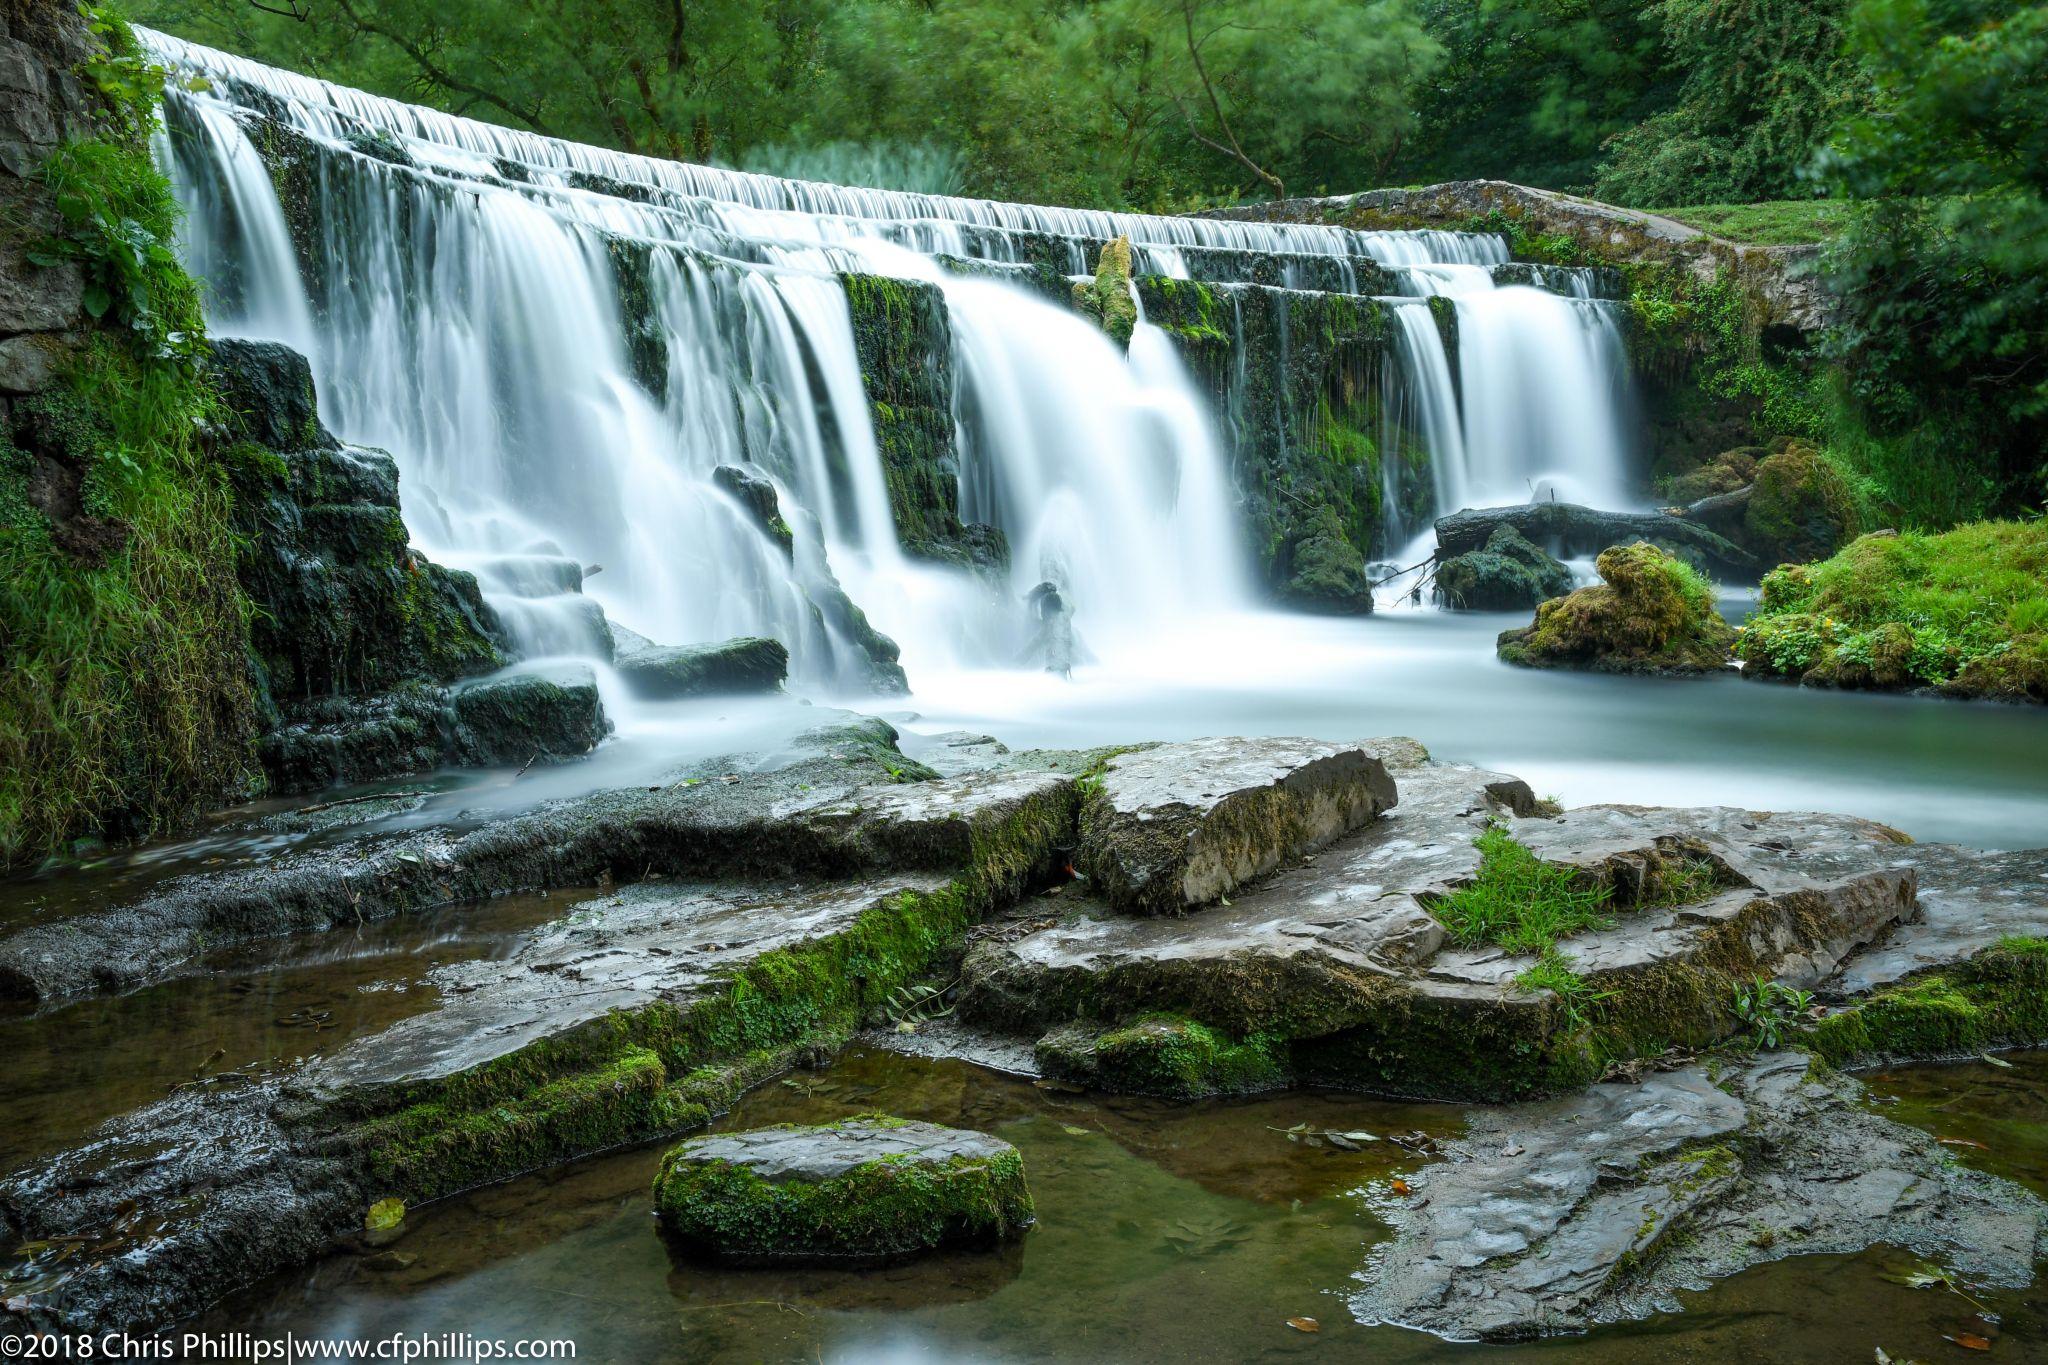 River Wye, United Kingdom